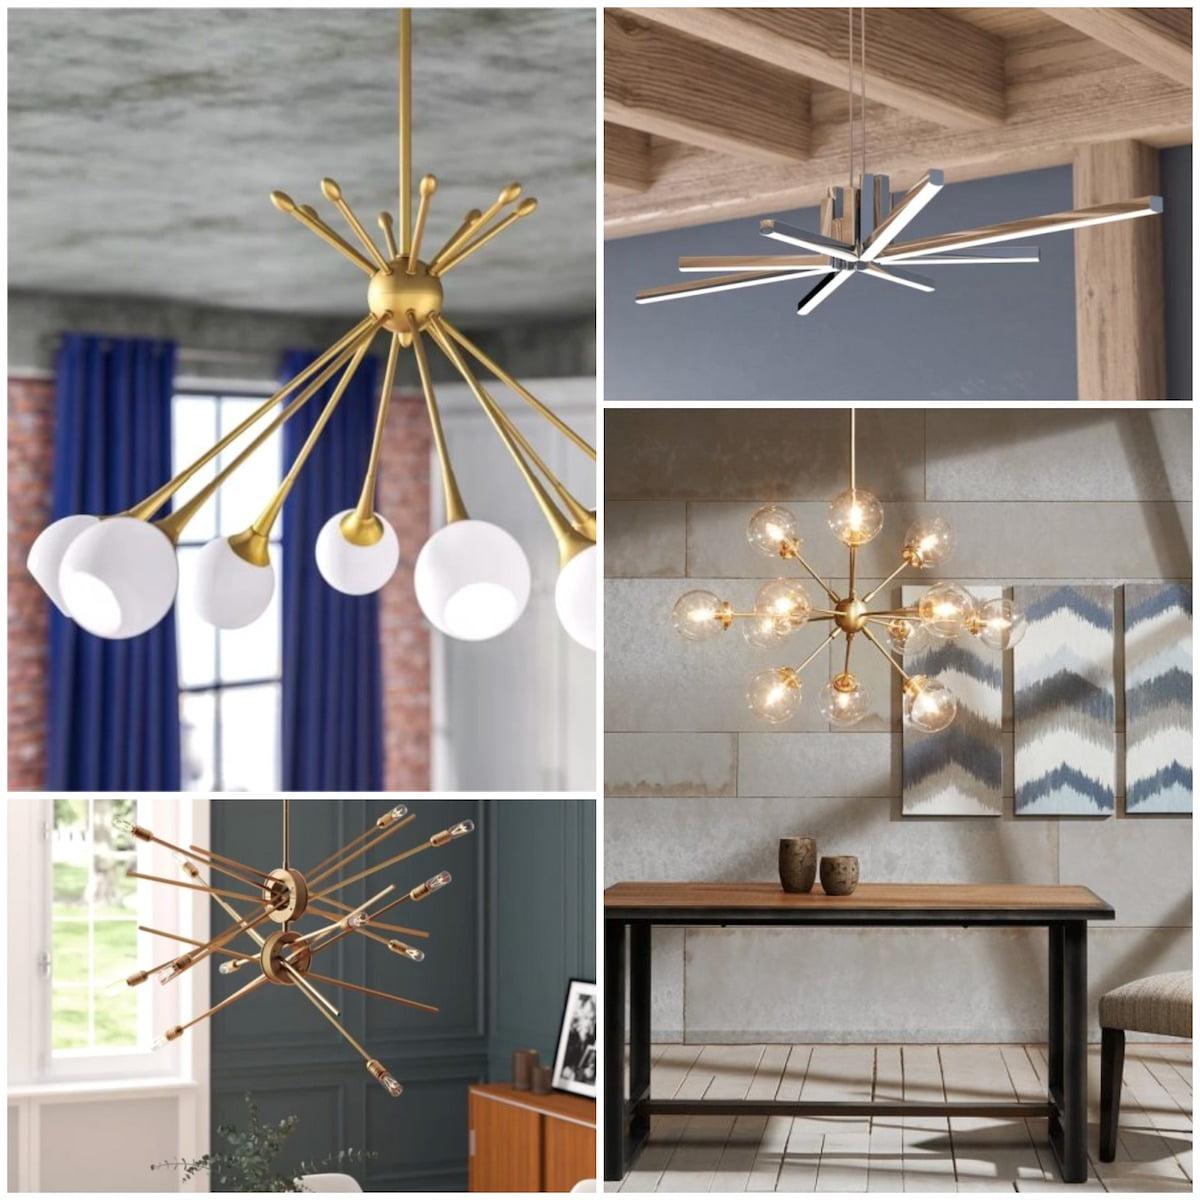 Люстры и светильники с авторским дизайном